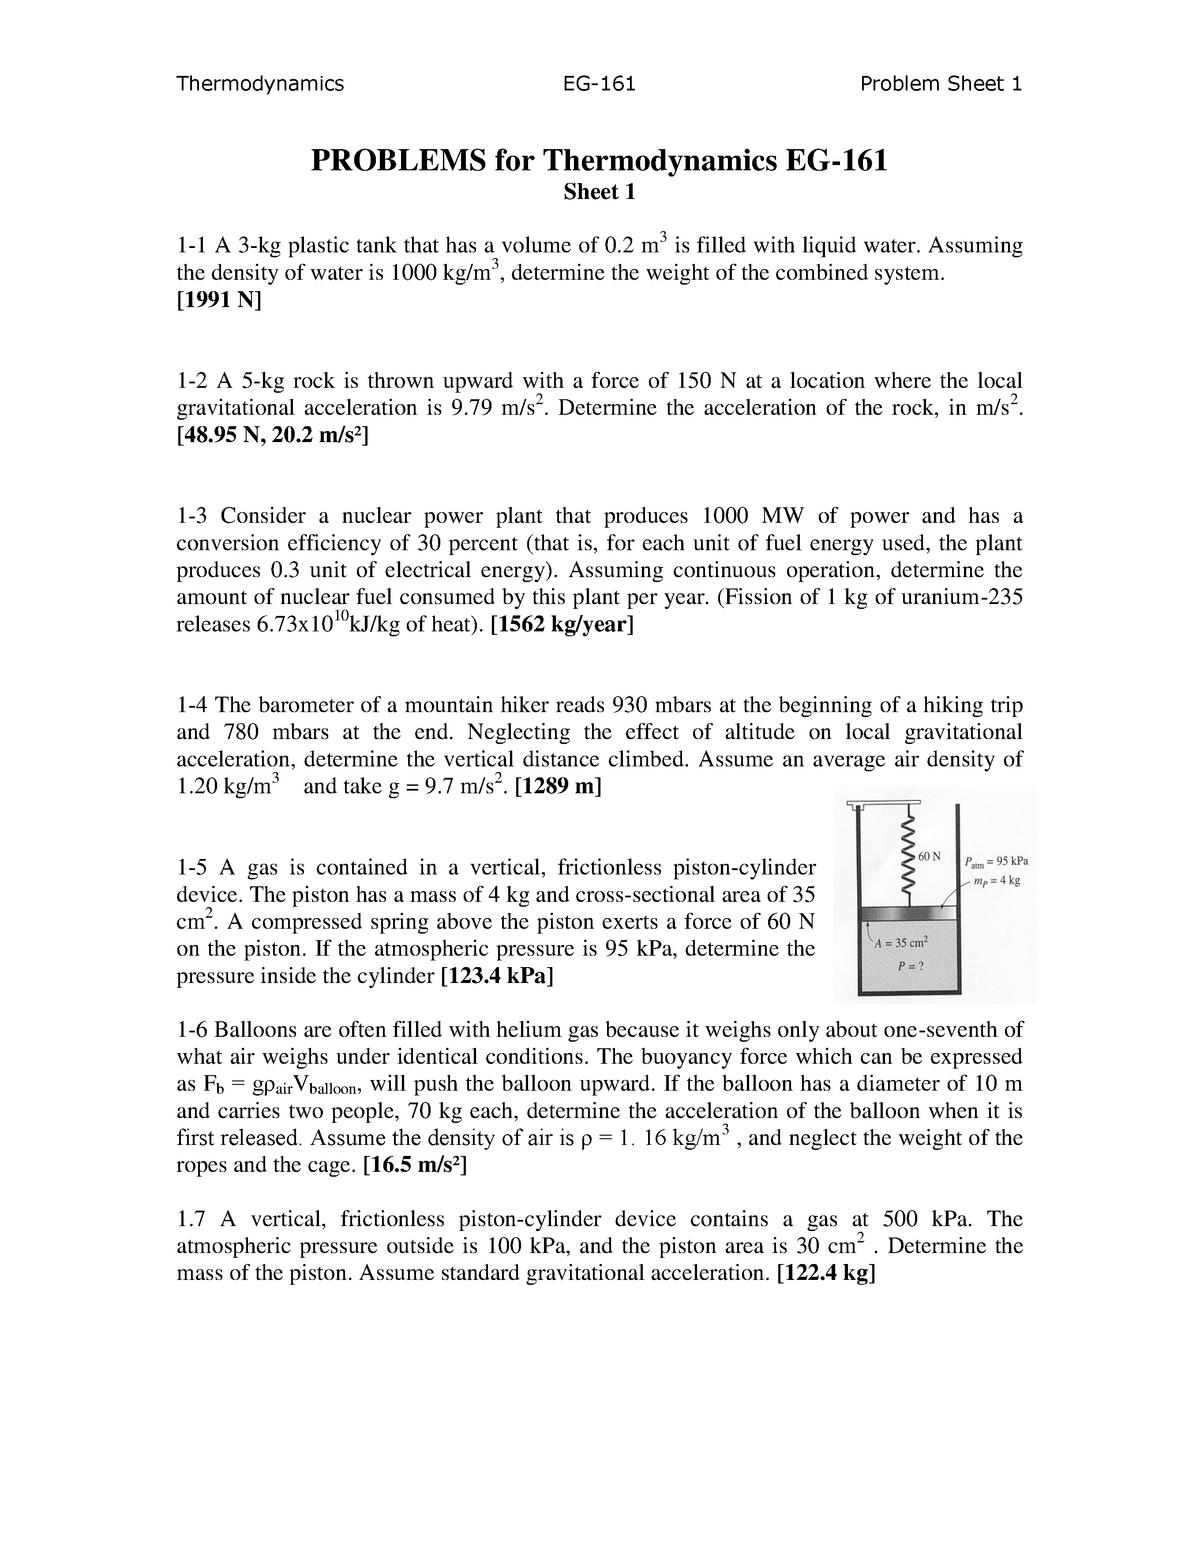 Problem sheet 1 - EG-161: Thermodynamics 1 - StuDocu